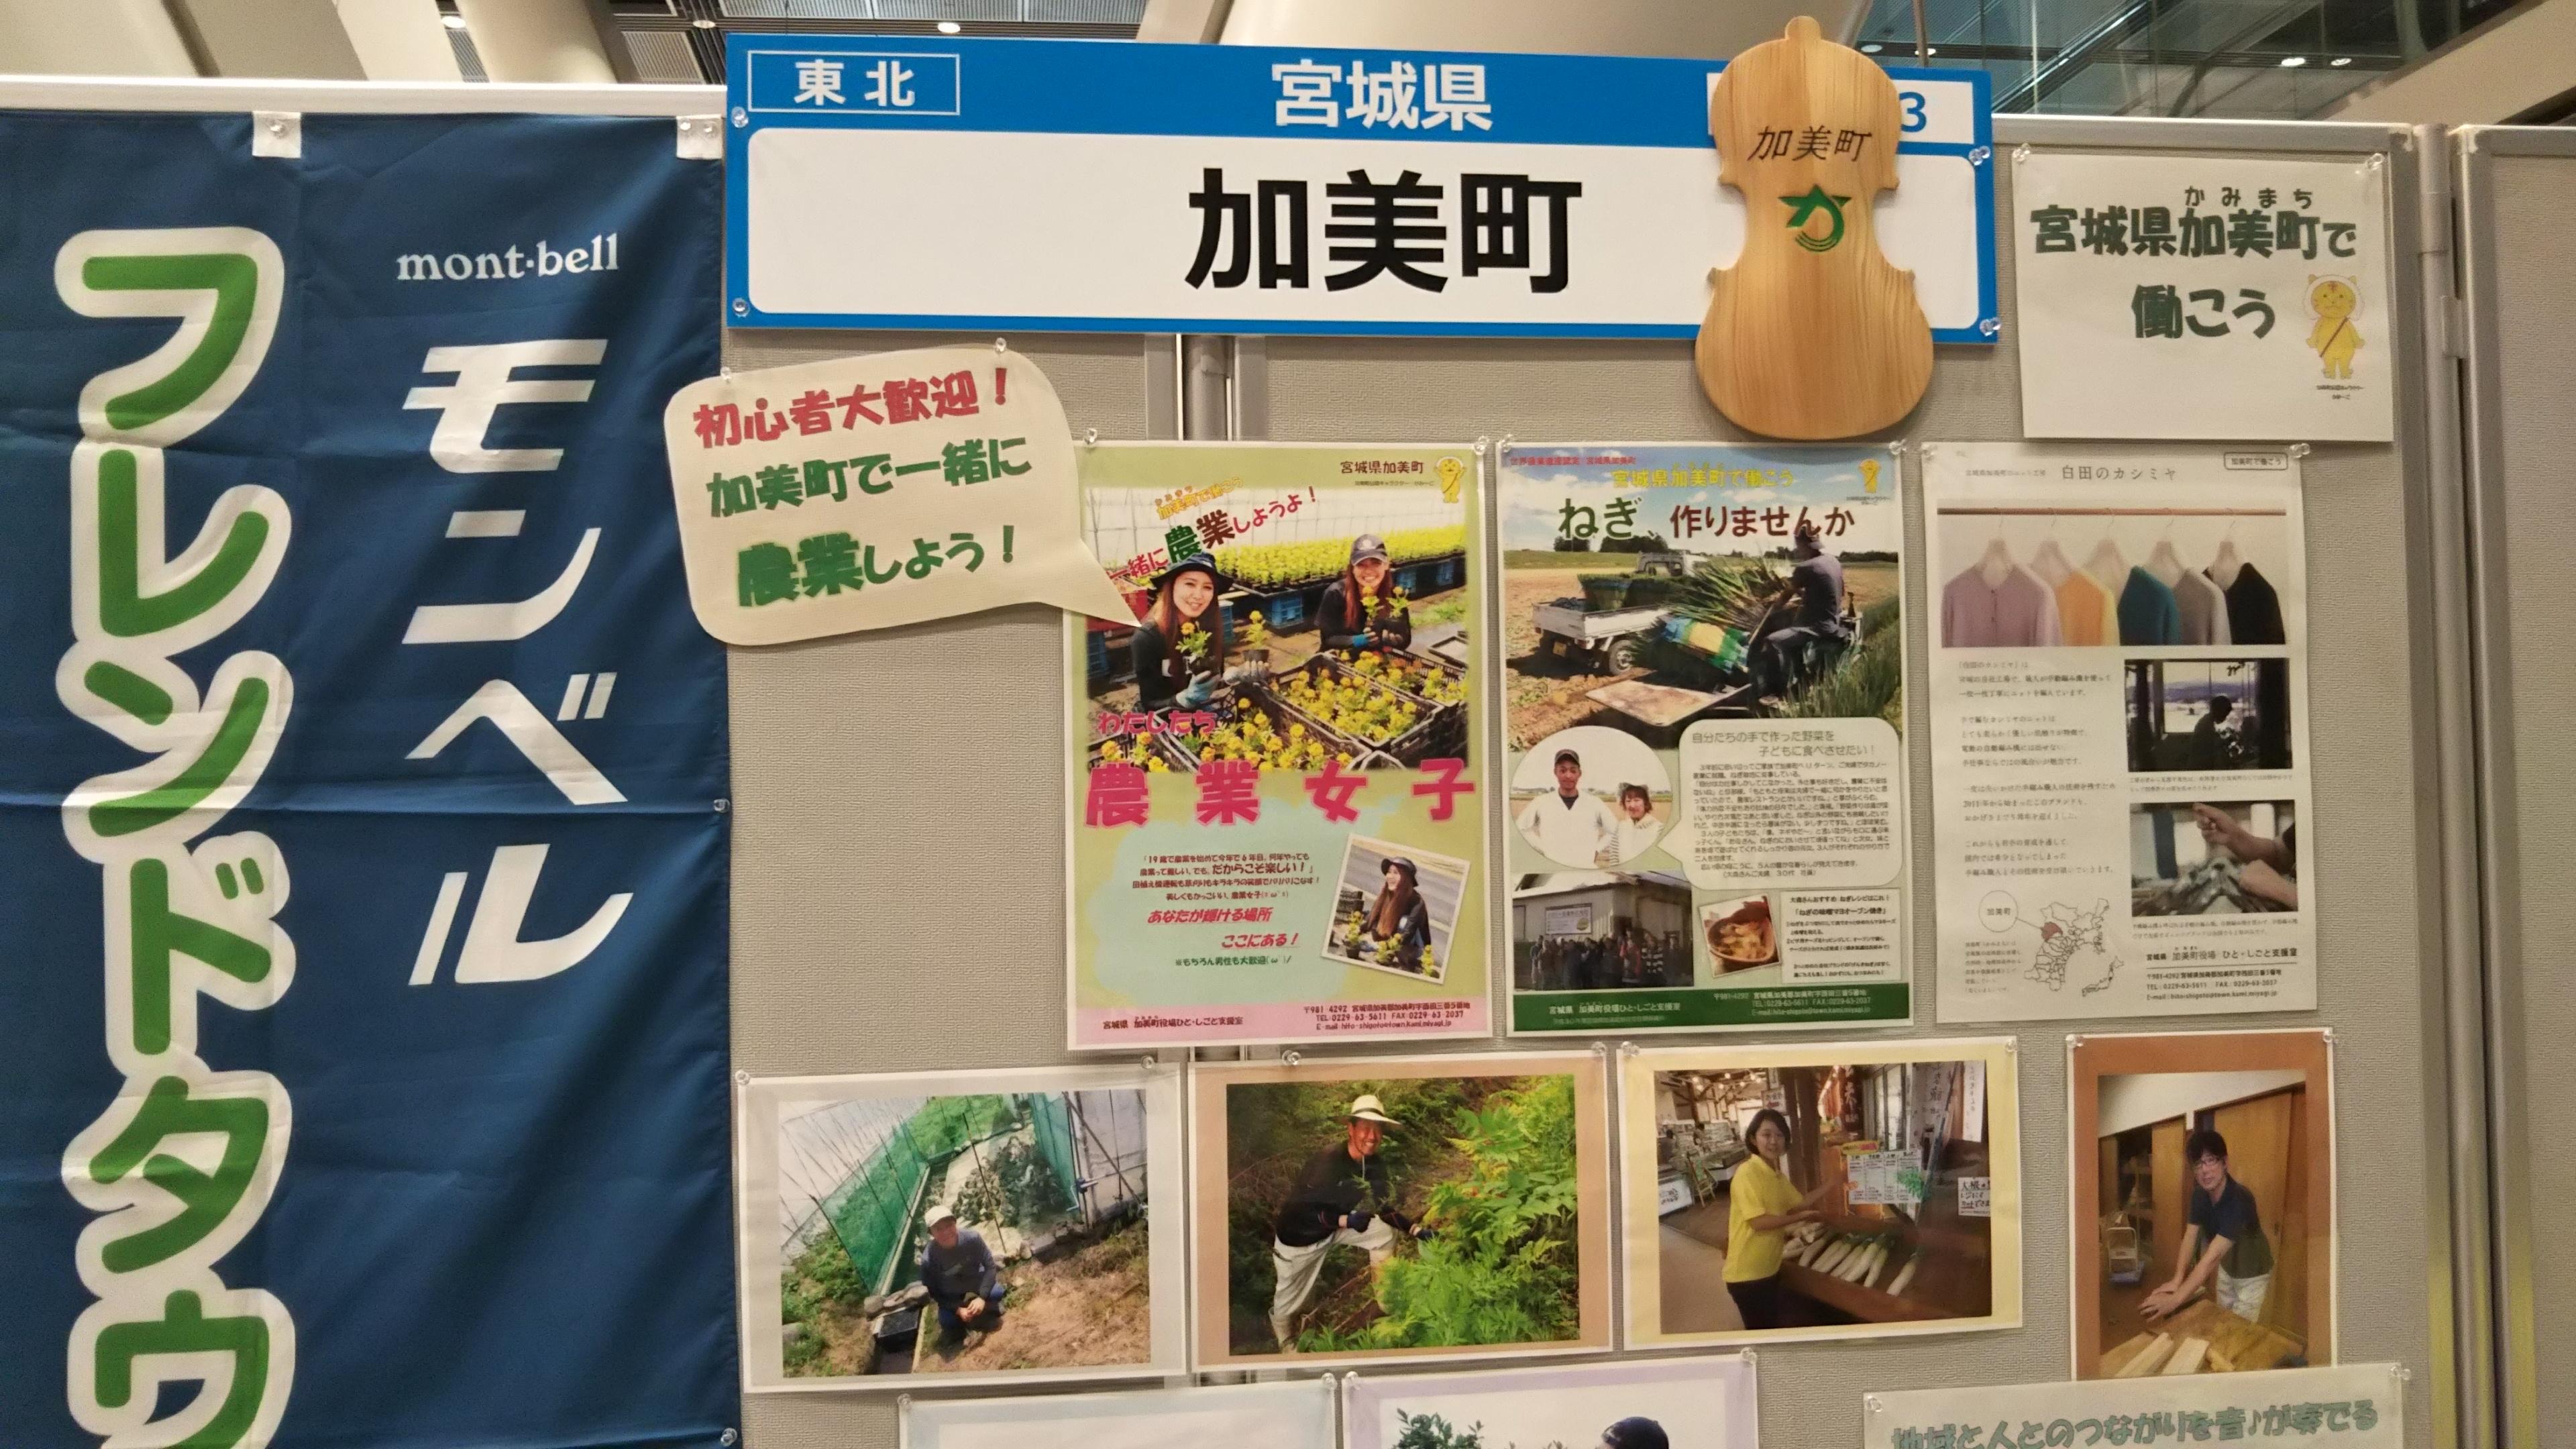 宮城県加美町のブース。モンベル フレンドタウンののぼりの他、農業を特集した写真が貼られている。